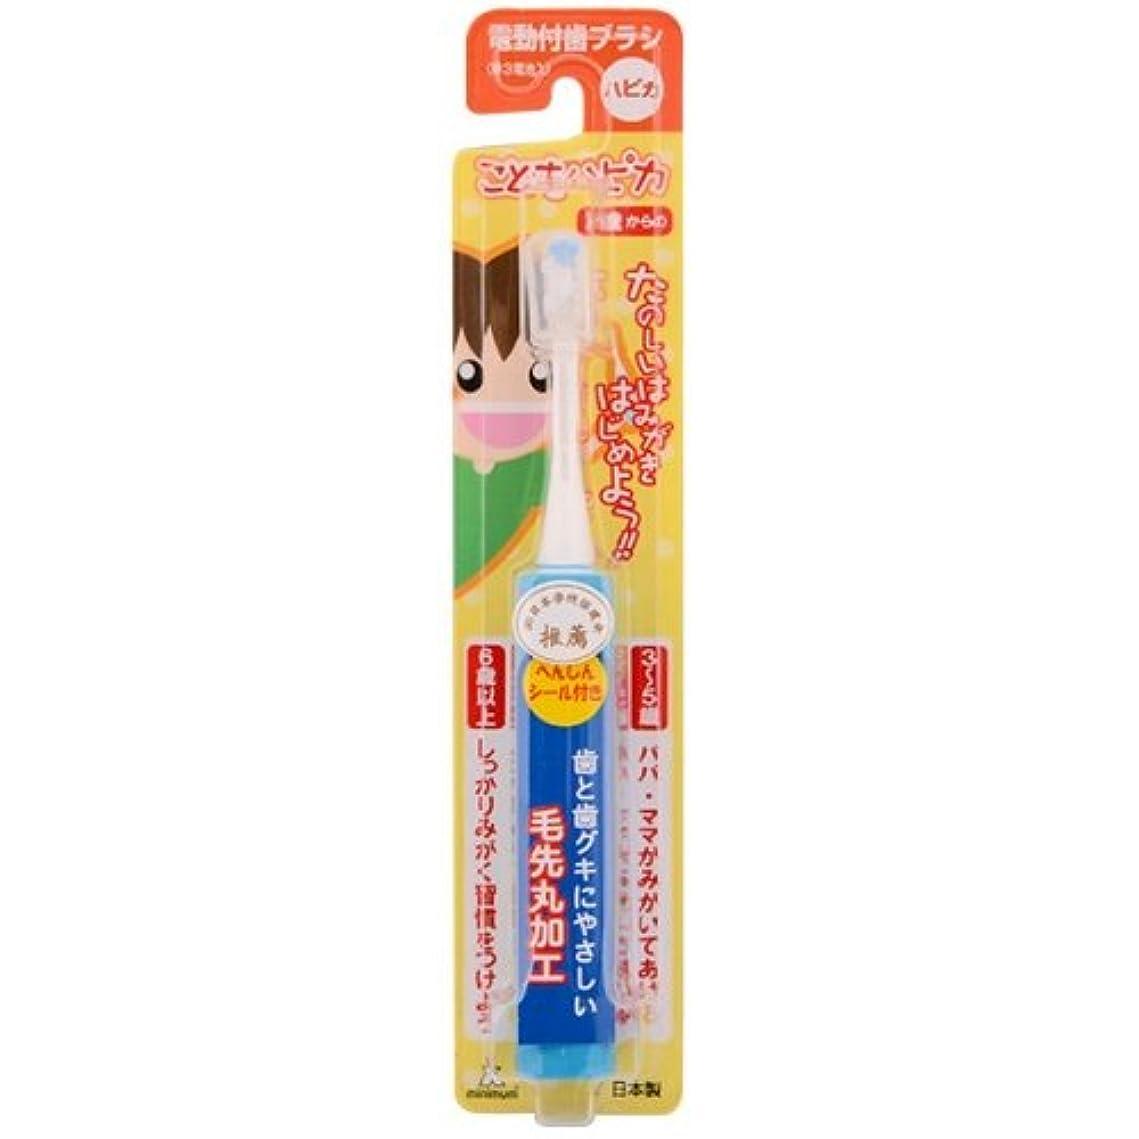 枯渇する操作可能ミニマム 電動付歯ブラシ こどもハピカ ブルー 毛の硬さ:やわらかめ DBK-1B(BP)